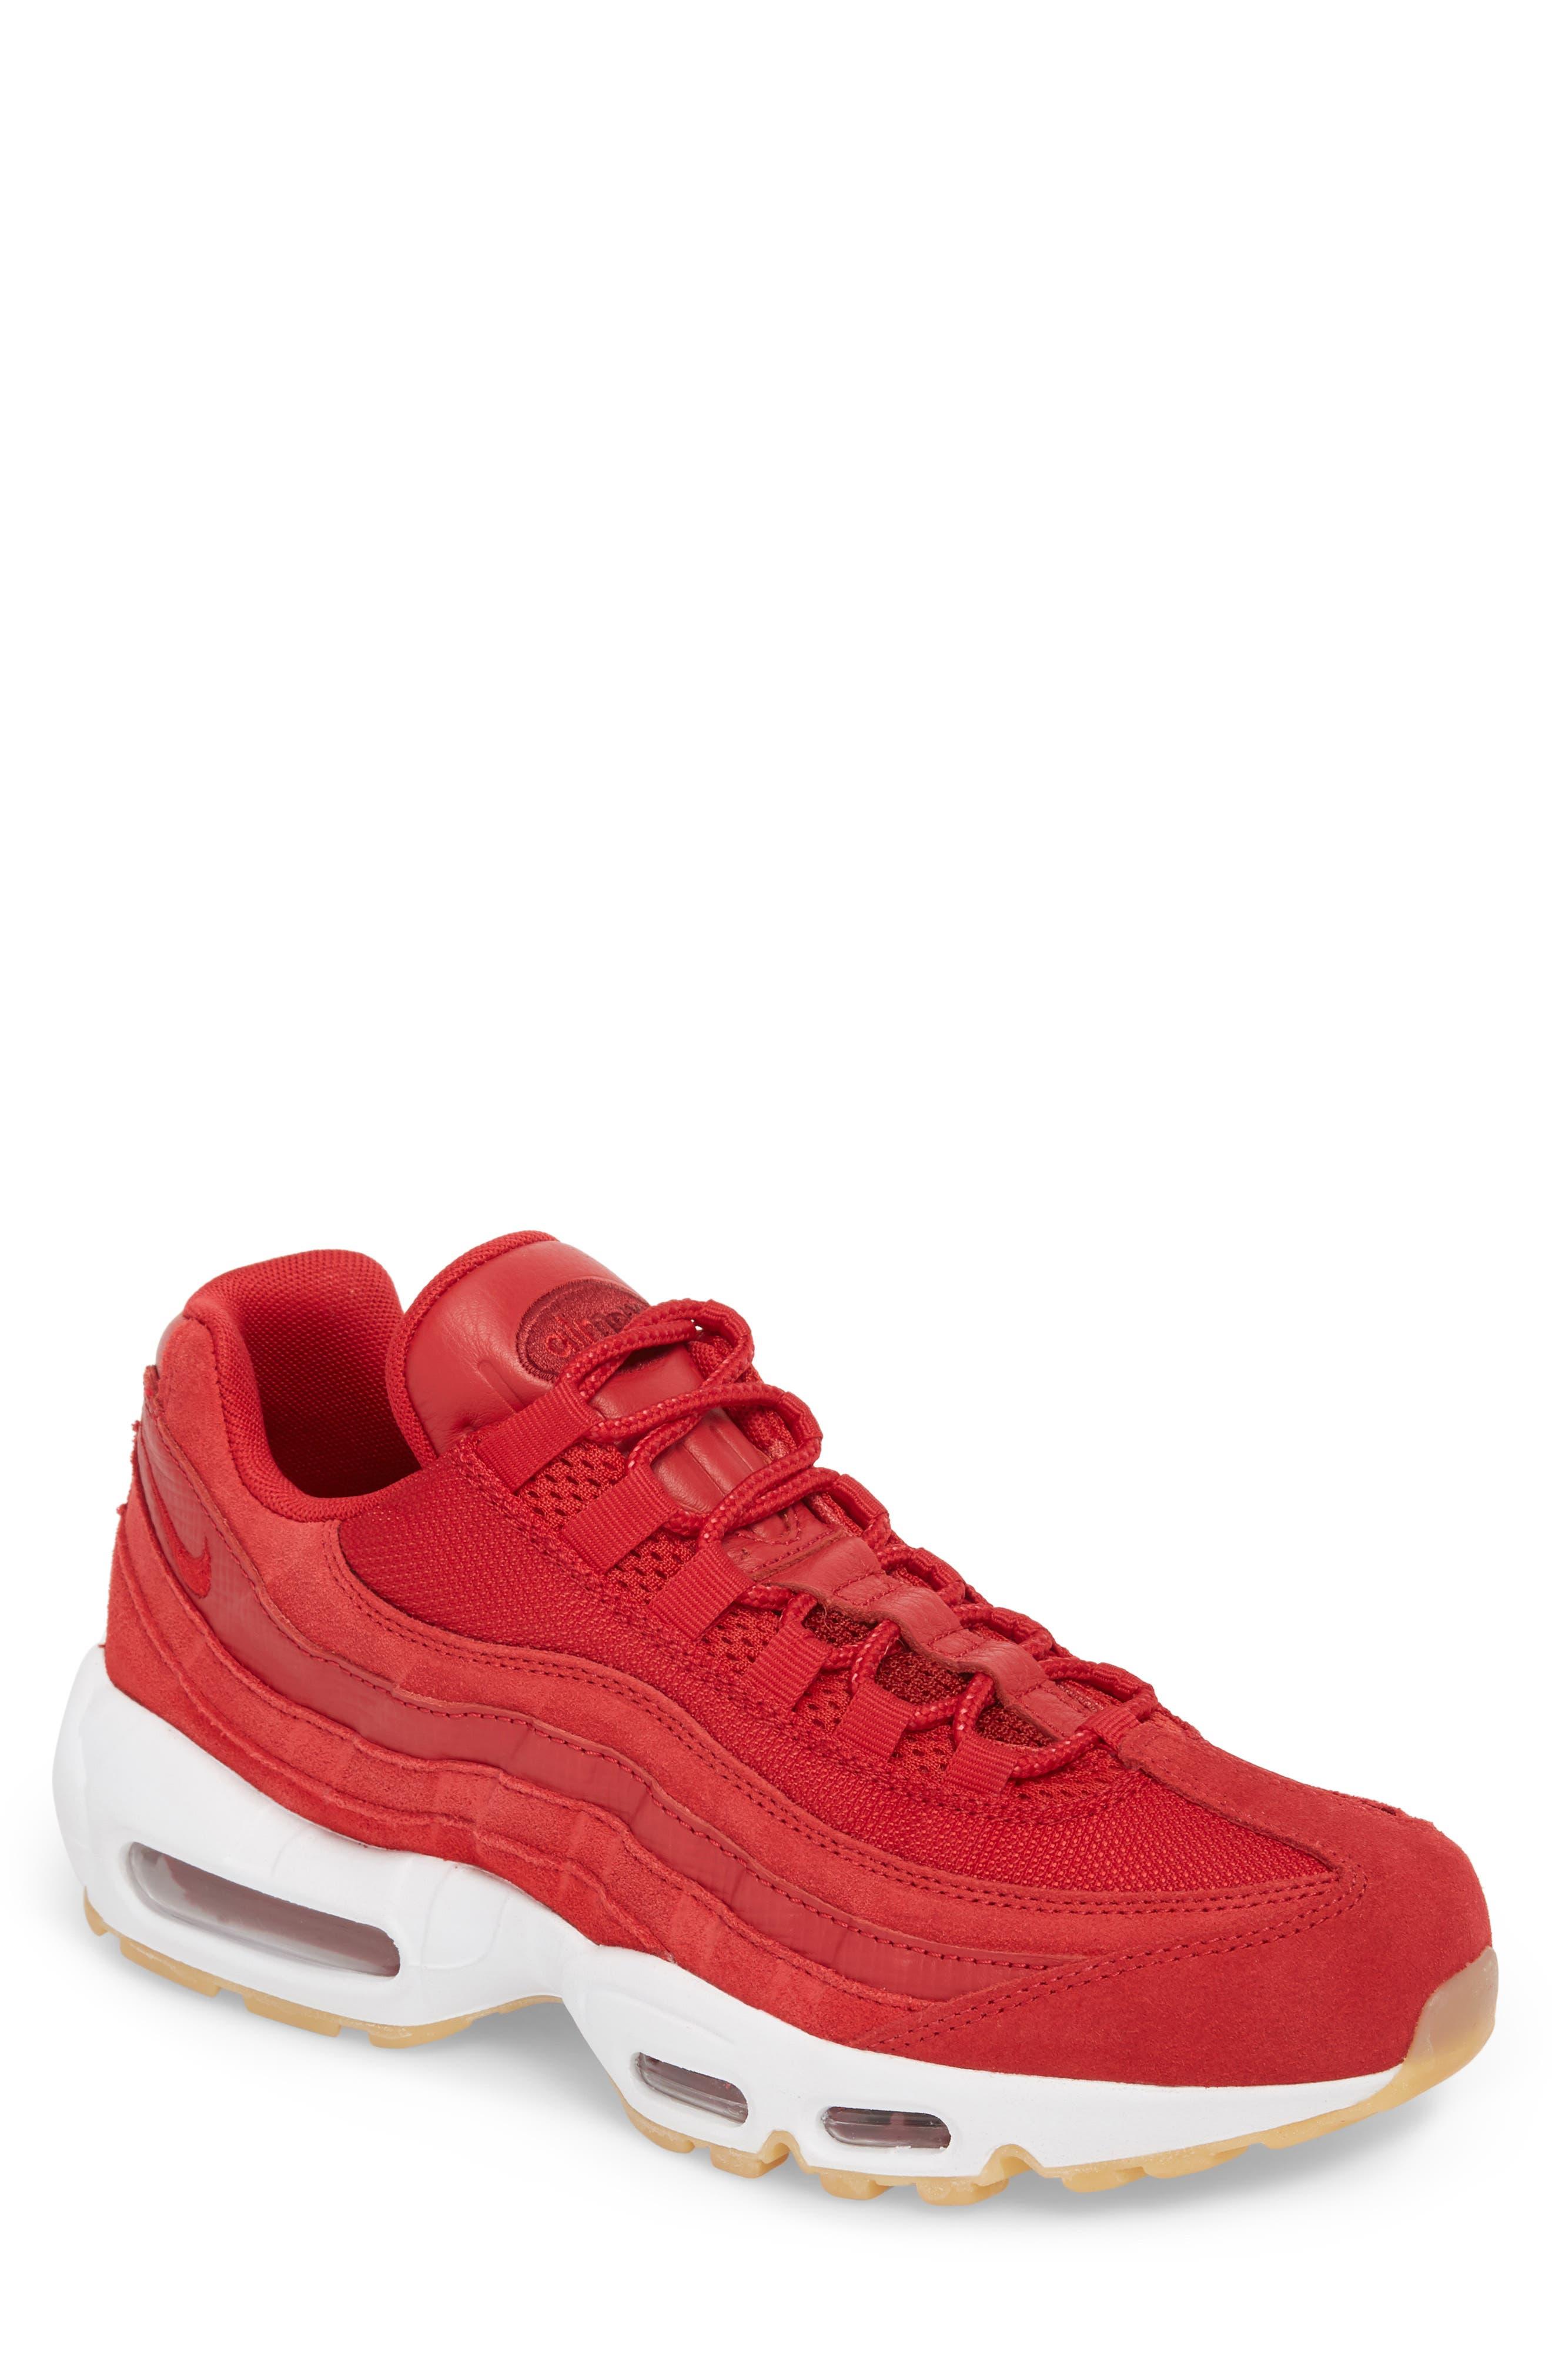 Nike Air Max 95 Sneaker (Men)